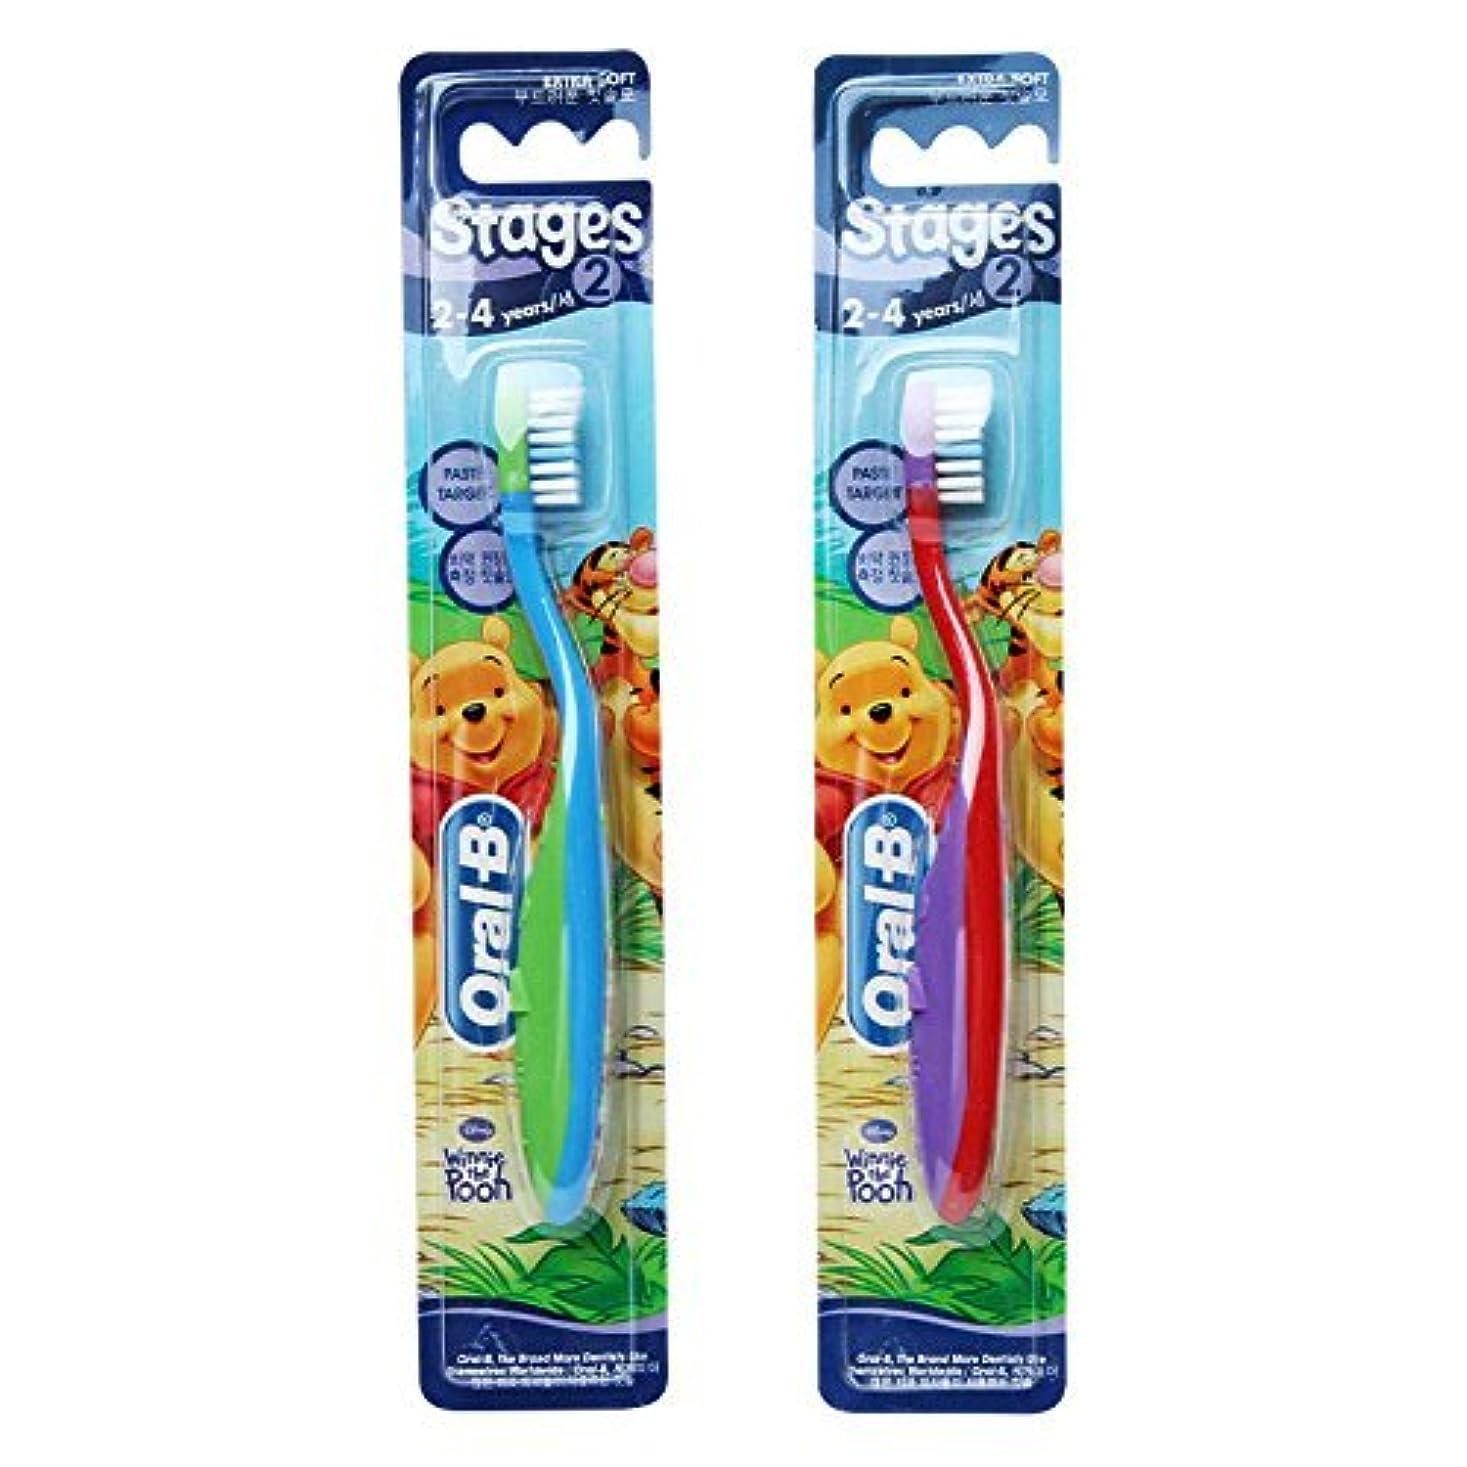 騒々しいテレビ局サンダースOral-B Stages 2 Toothbrush 2 - 4 years 2 Pack /GENUINEと元の梱包 [並行輸入品]